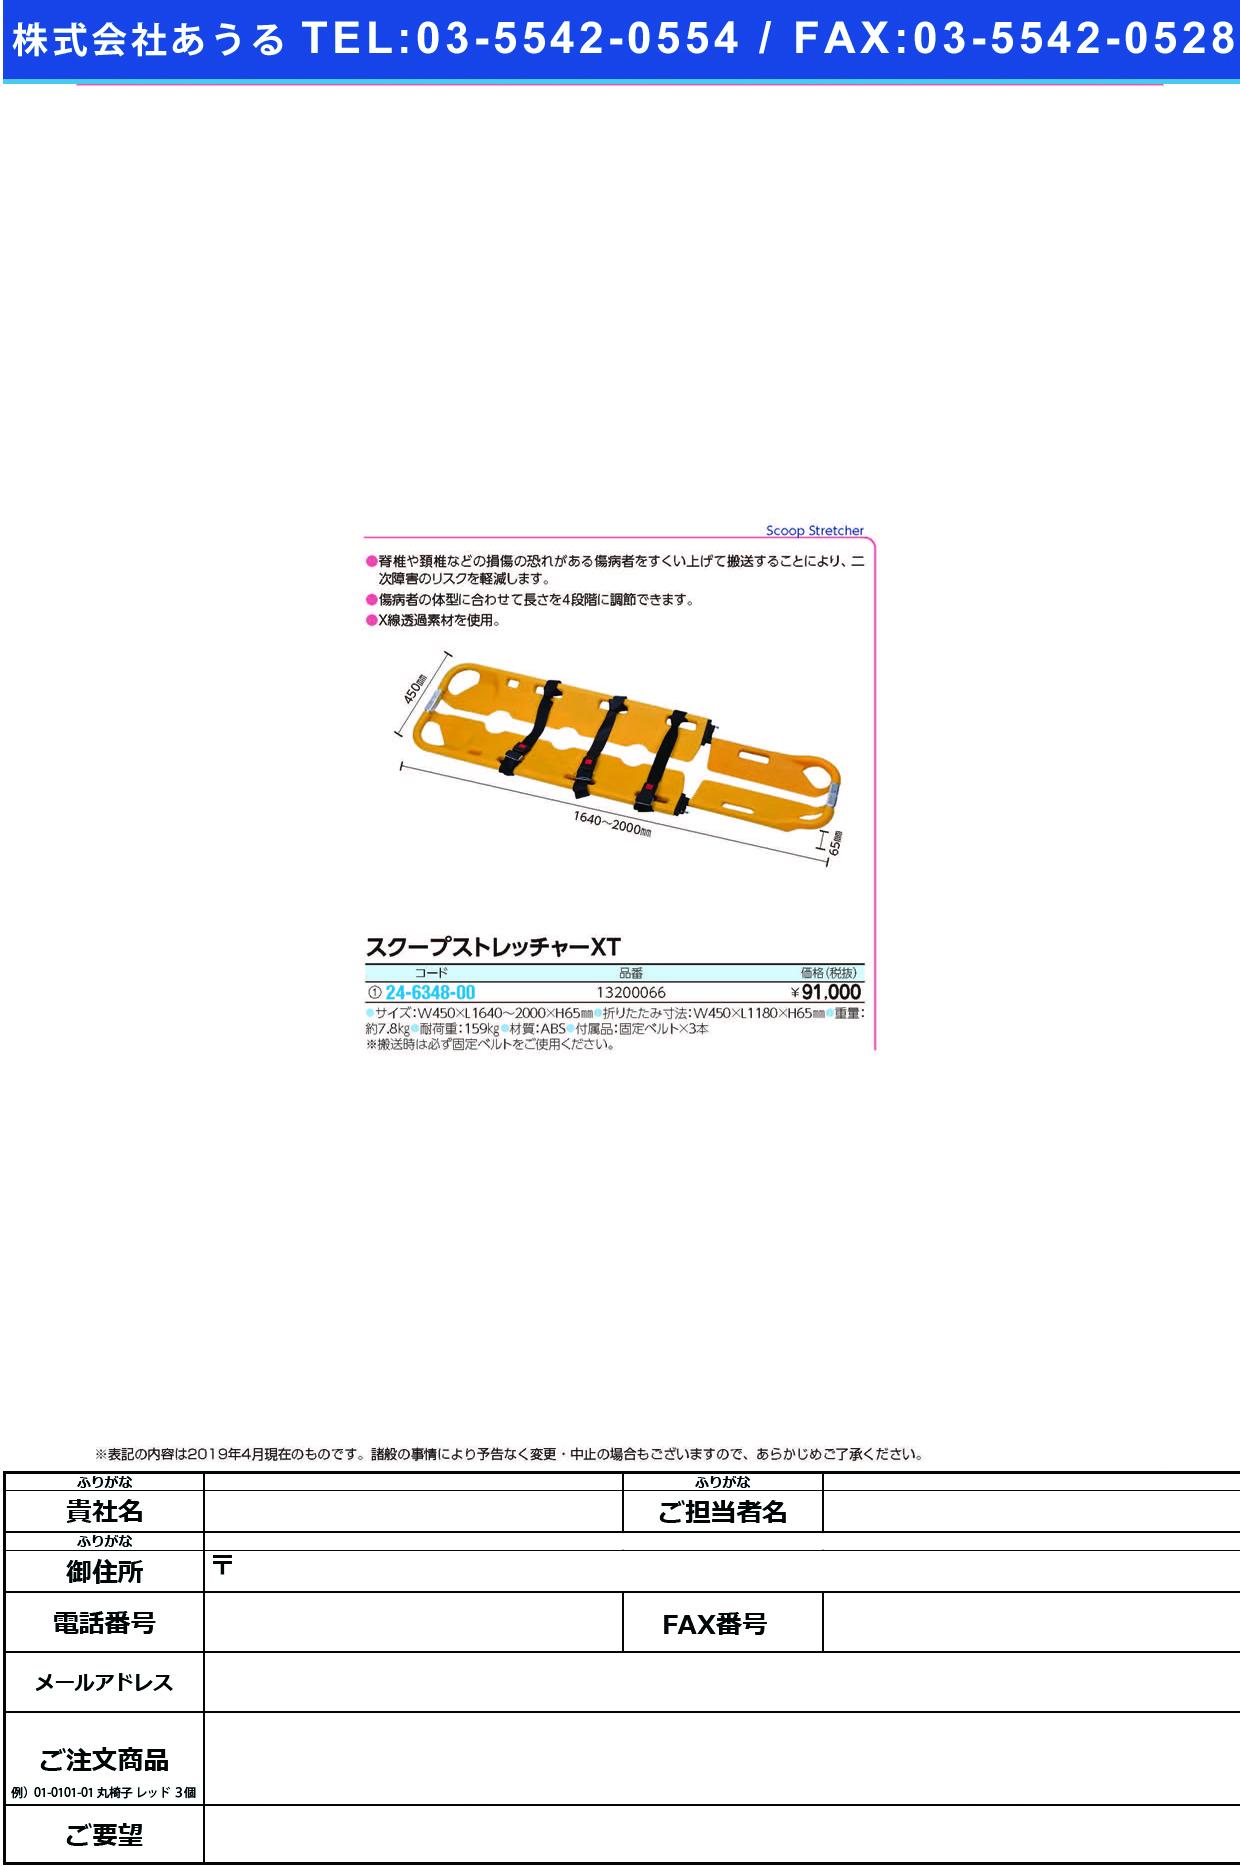 (24-6348-00)スクープストレッチャーXT 13200066 スクープストレッチャーXT【1台単位】【2019年カタログ商品】